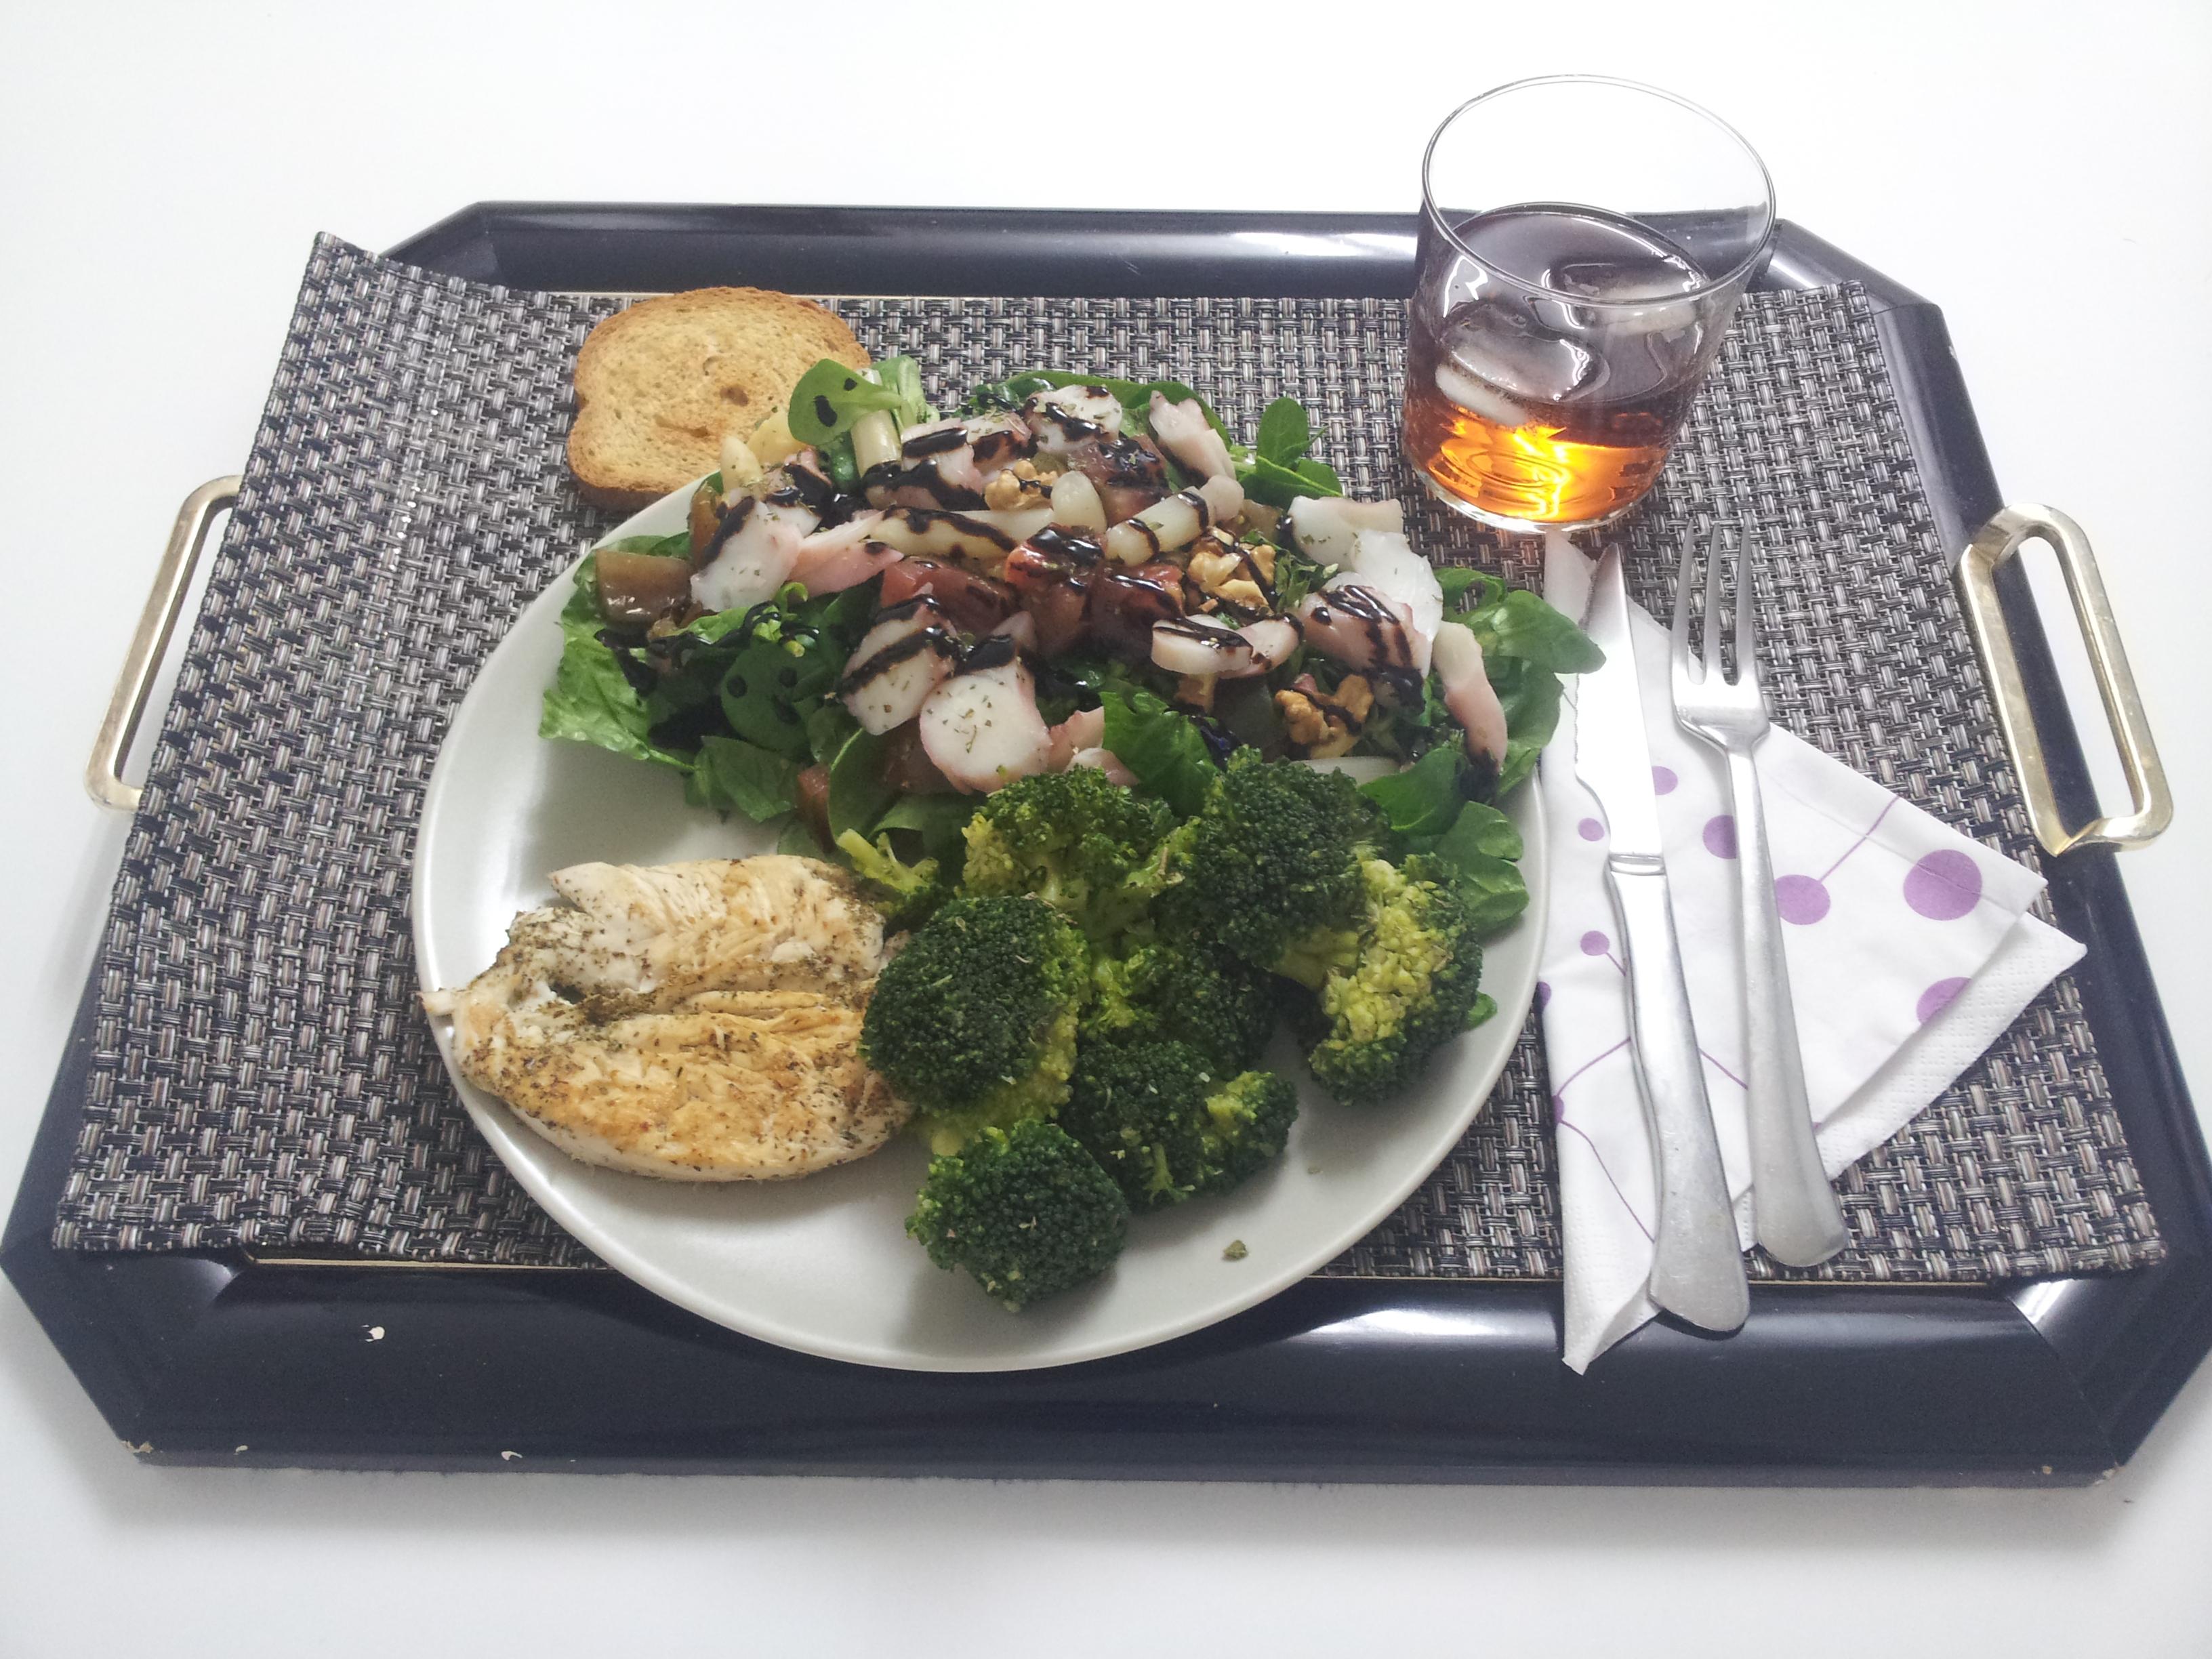 cenas saludables, cenas ricas, cenas sanas